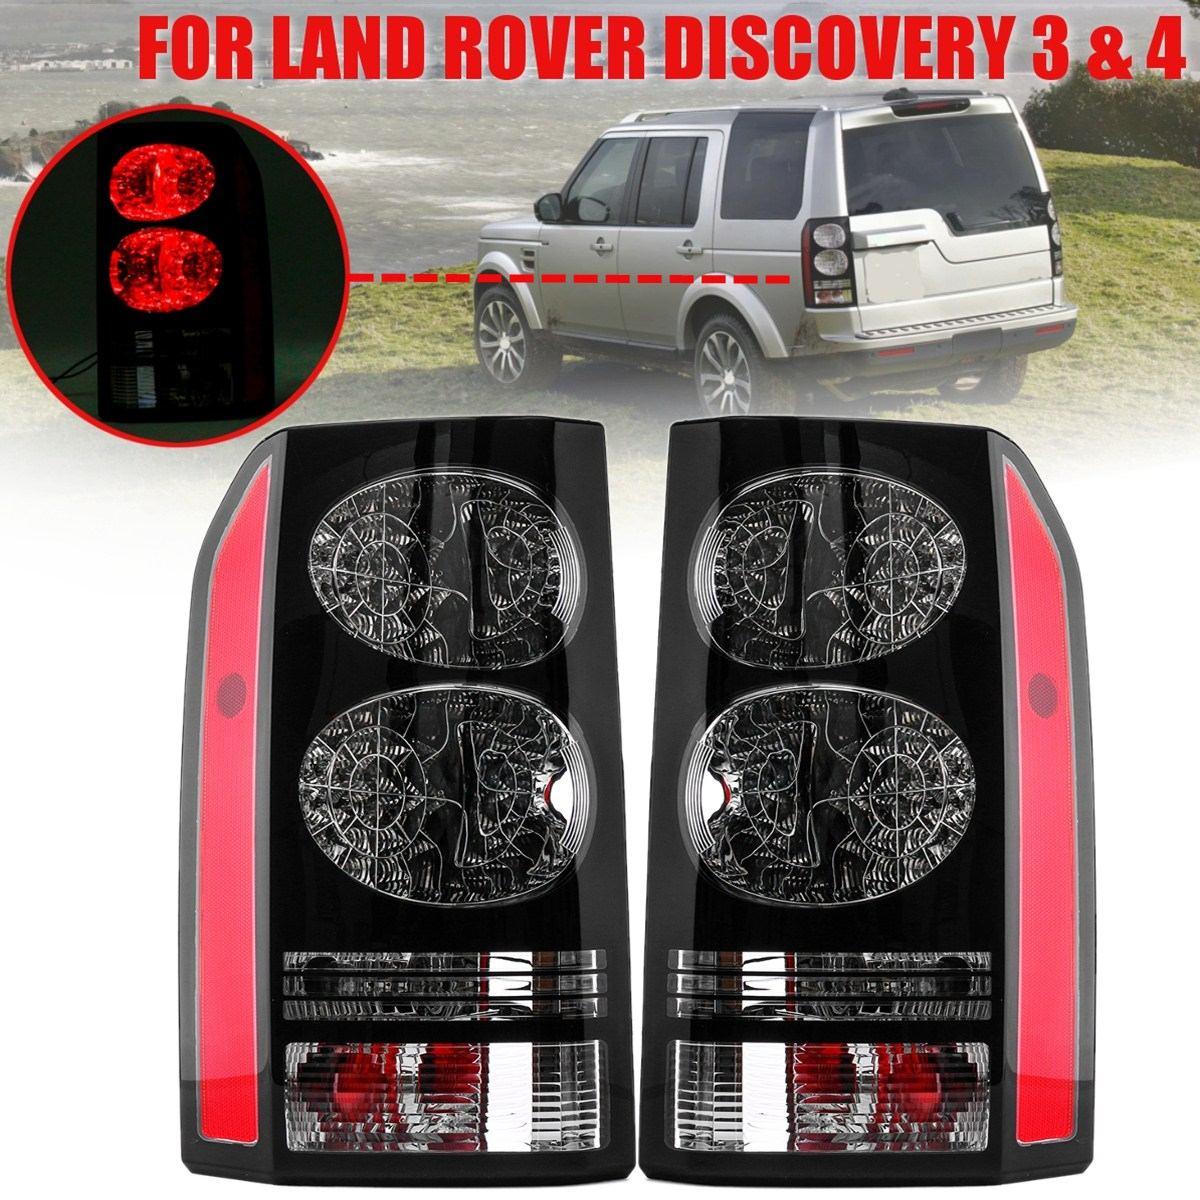 LB-D4-028 + RES Pour Land Rover Découverte 3 & 4 2004 05 06 07-2014 1 paire 12 v LED Queue Arrière Gauche Droite De Frein Signal Lumineux de Tour Lampe